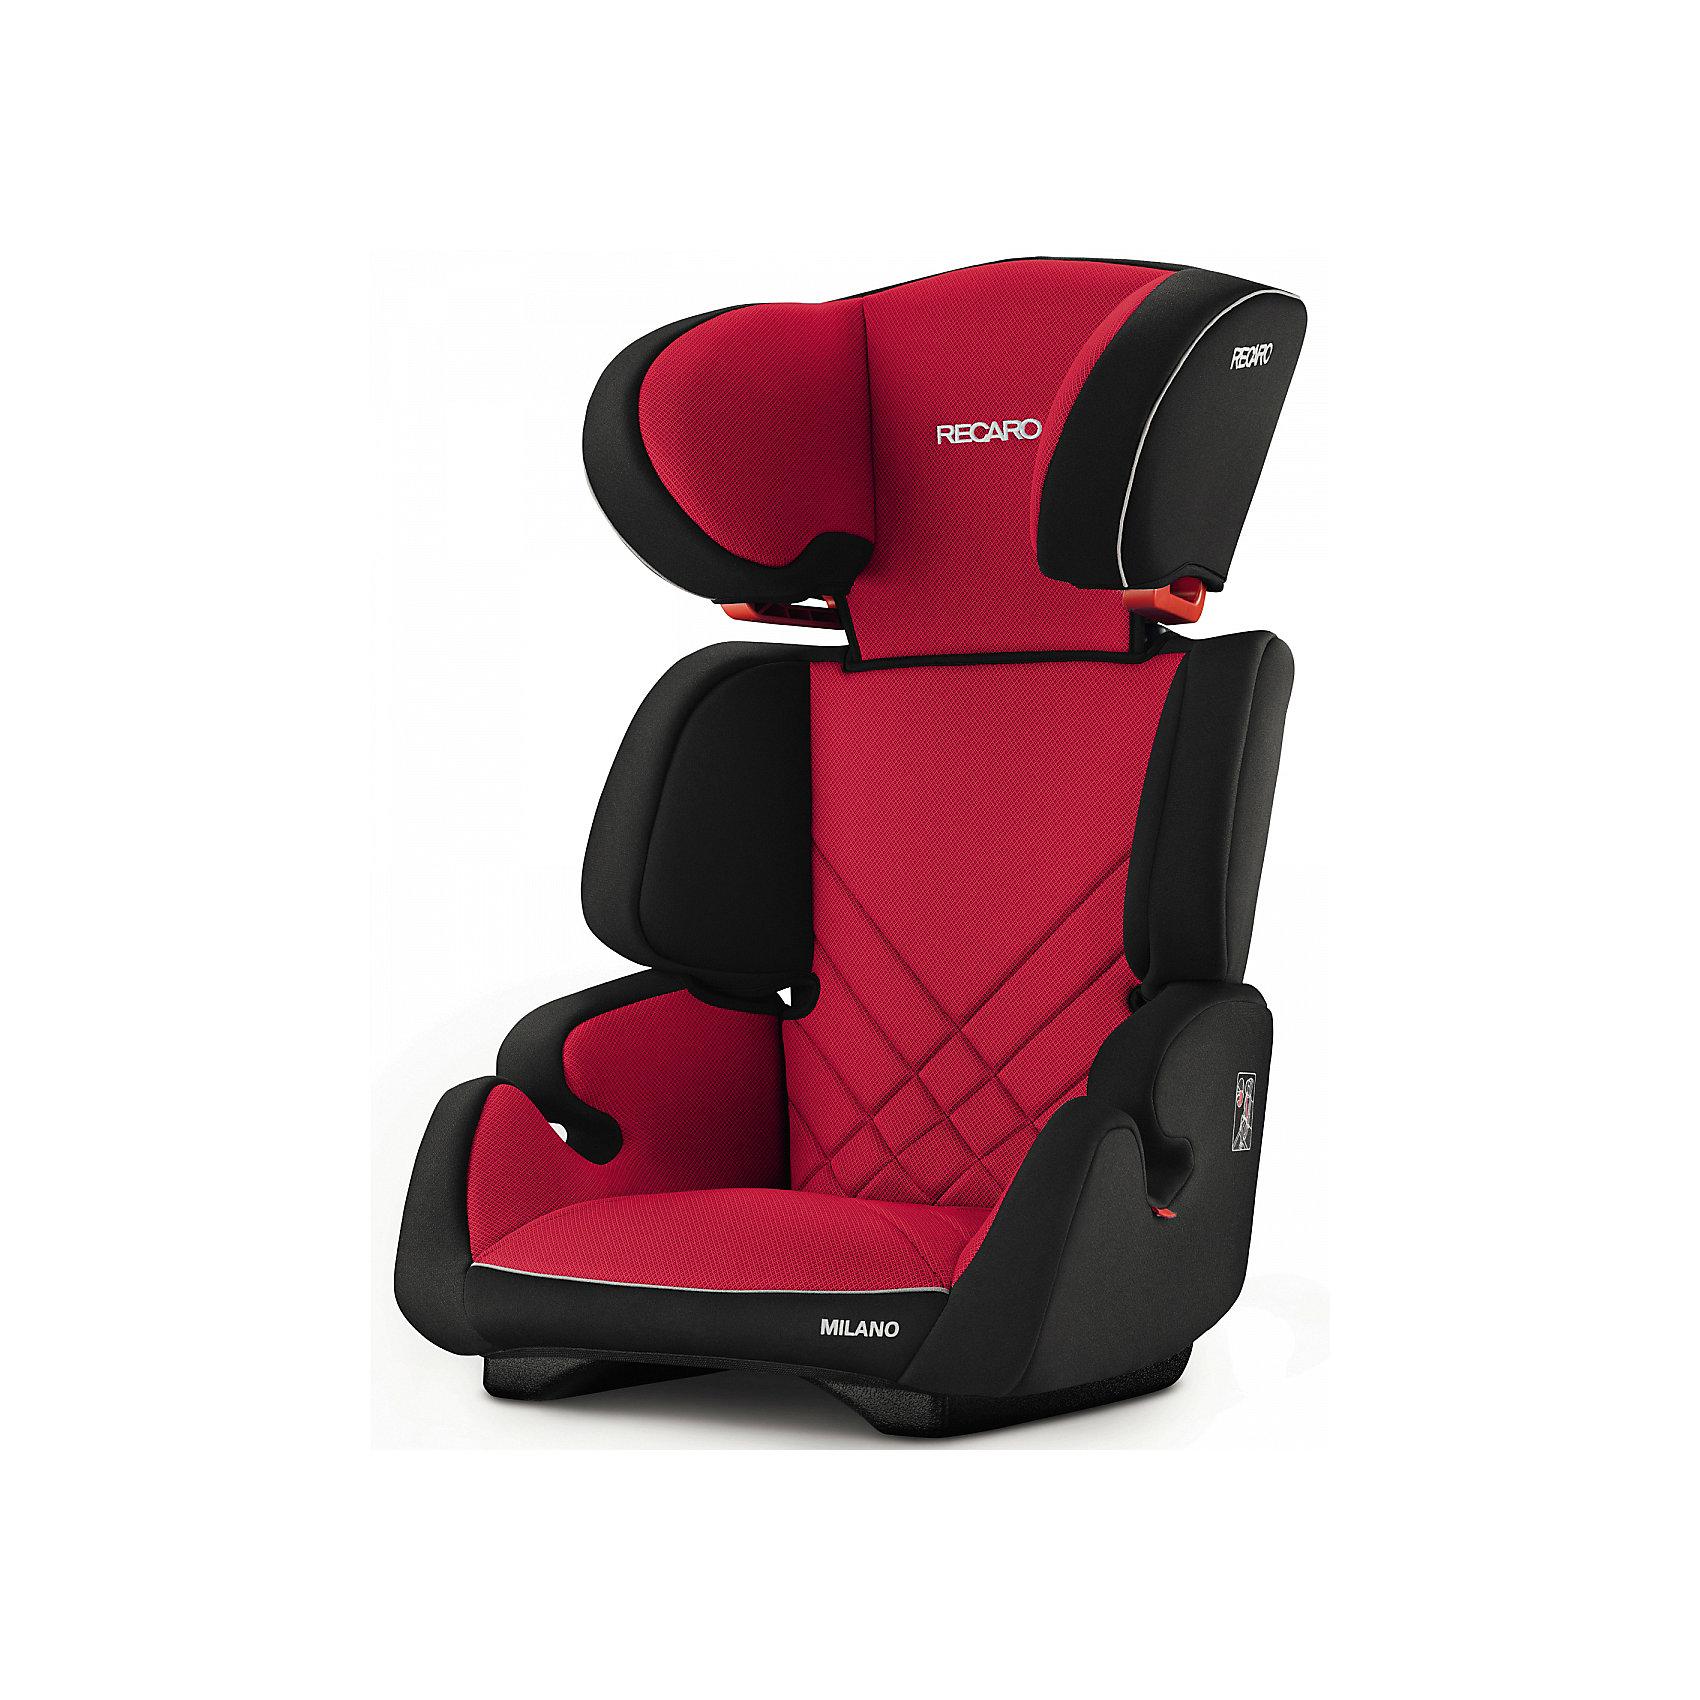 Автокресло RECARO Milano Seatfix 15-36 кг, Racing RedГруппа 2-3 (От 15 до 36 кг)<br>Характеристики:<br><br>• группа автокресла: 2/3;<br>• вес ребенка: 15-36 кг;<br>• возраст ребенка: от 3 до 12 лет;<br>• рост ребенка: от 95 до 150 см;<br>• способ крепления: встроенная система IsoFix;<br>• способ установки: лицом по ходу движения автомобиля;<br>• регулируется высота подголовника: 6 положений;<br>• циркуляция воздуха внутри автокресла;<br>• наличие подлокотников;<br>• усиленная боковая защита;<br>• материал: пластик, полиэстер.<br><br>Размеры:<br><br>• размер автокресла: 61х50х45 см;<br>• высота спинки автокресла: 55/67 см;<br>• ширина сиденья: 29 см;<br>• глубина сиденья: 29 см;<br>• ширина подголовника: 20 см;<br>• вес: 6 кг.<br><br>Автокресло Milano Seatfix - продуманный вариант для подросших любителей путешествовать в автомобиле. Автокресло устанавливается на заднем сидении автомобиля с любой стороны. Встроенная система Изофикс позволяет легко и прочно устанавливать автокресло в салоне автомобиля. Регулирование высоты подголовника дает возможность настроить удобное положение в зависимости от того, как ребенок растет. Съемные чехлы можно стирать при температуре 30 градусов без отжима. <br><br>Автокресло Milano Seatfix 15-36 кг., Recaro, Racing Red можно купить в нашем интернет-магазине.<br><br>Ширина мм: 610<br>Глубина мм: 500<br>Высота мм: 450<br>Вес г: 6000<br>Возраст от месяцев: 36<br>Возраст до месяцев: 144<br>Пол: Унисекс<br>Возраст: Детский<br>SKU: 5396745